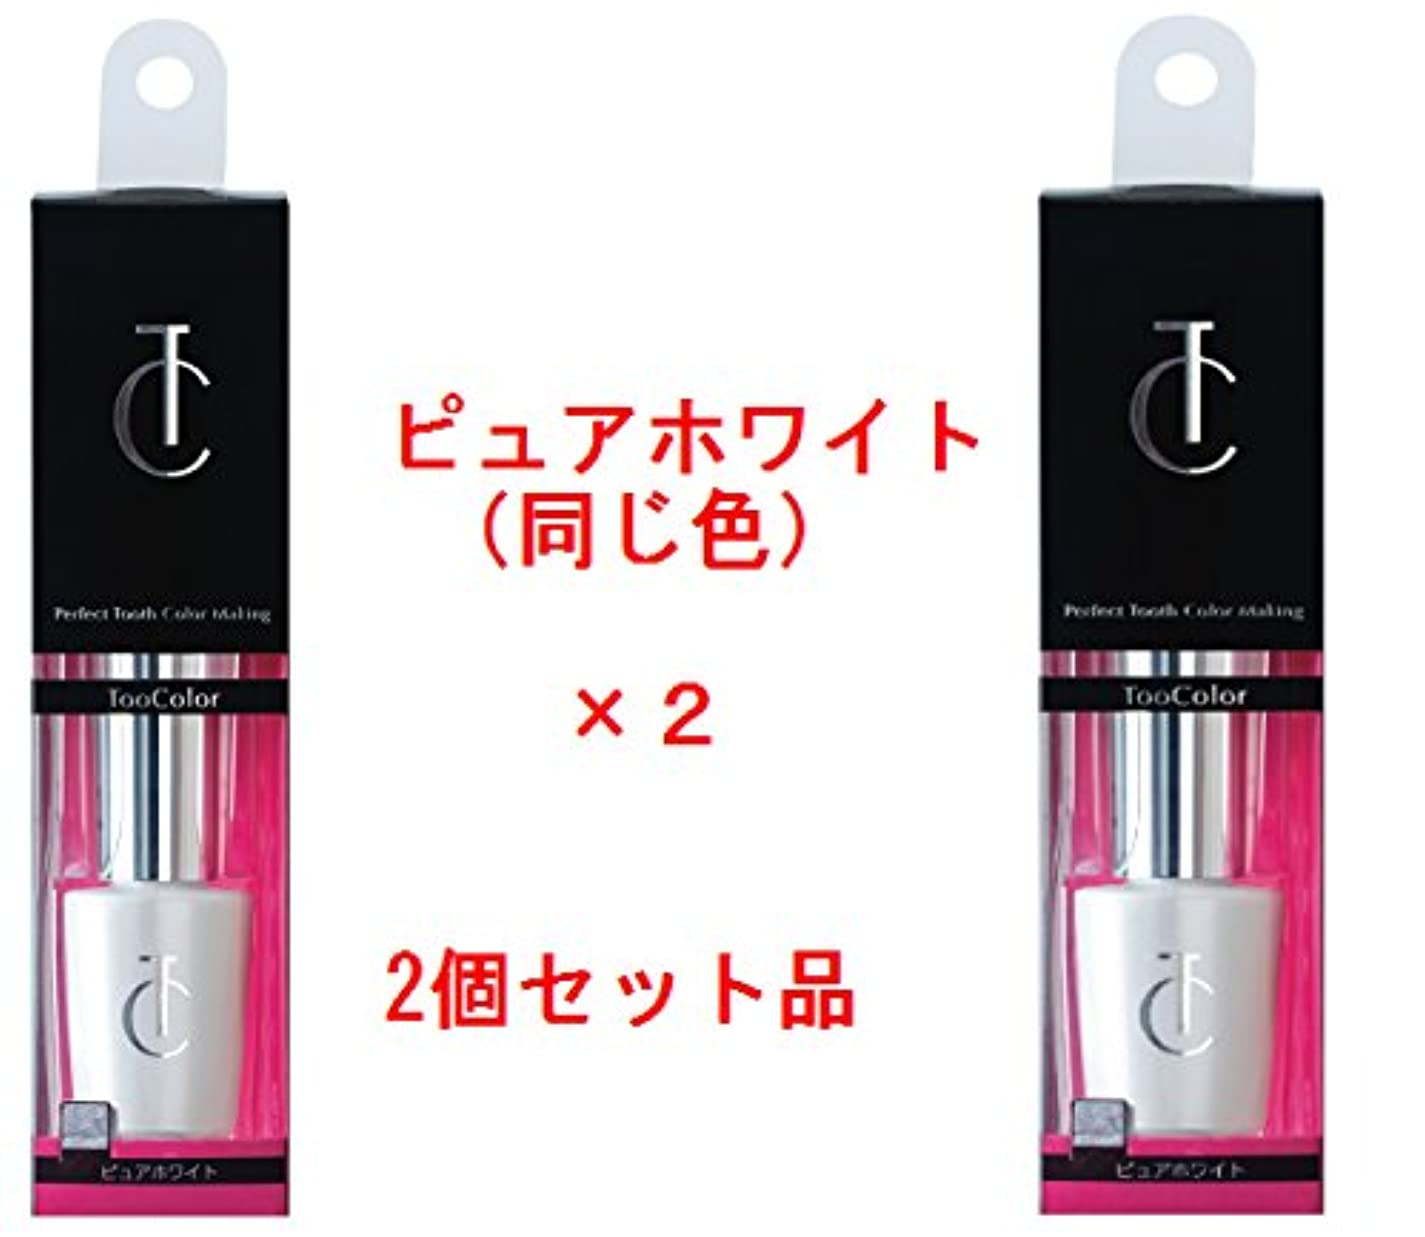 妊娠した修理工涙TooColor ピュアホワイト2個セット [口腔化粧品 歯のマニキュア]マイクロソリューション